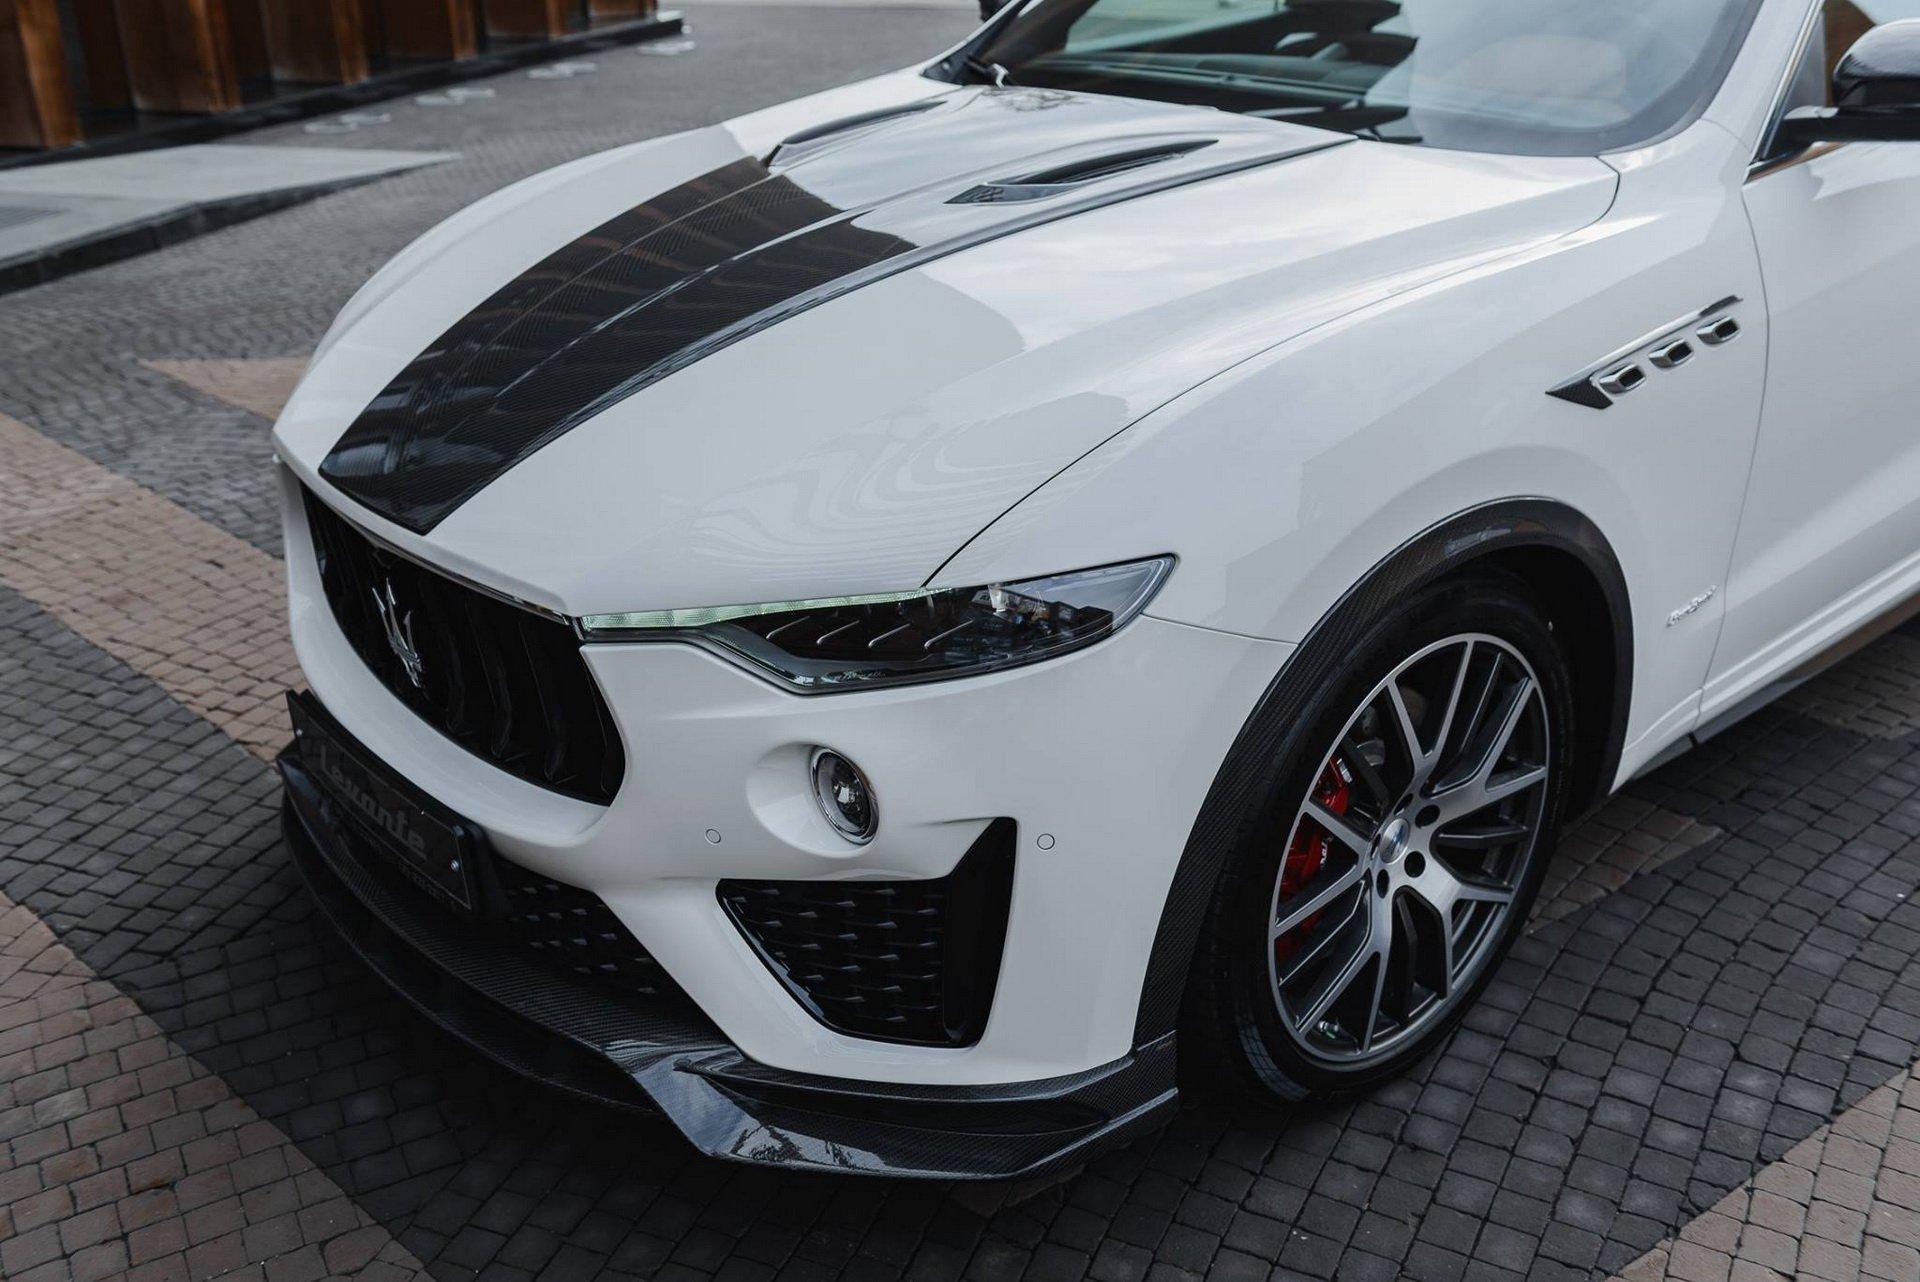 Maserati_Levante_Shtorm_GT_by_Larte_Design_0007